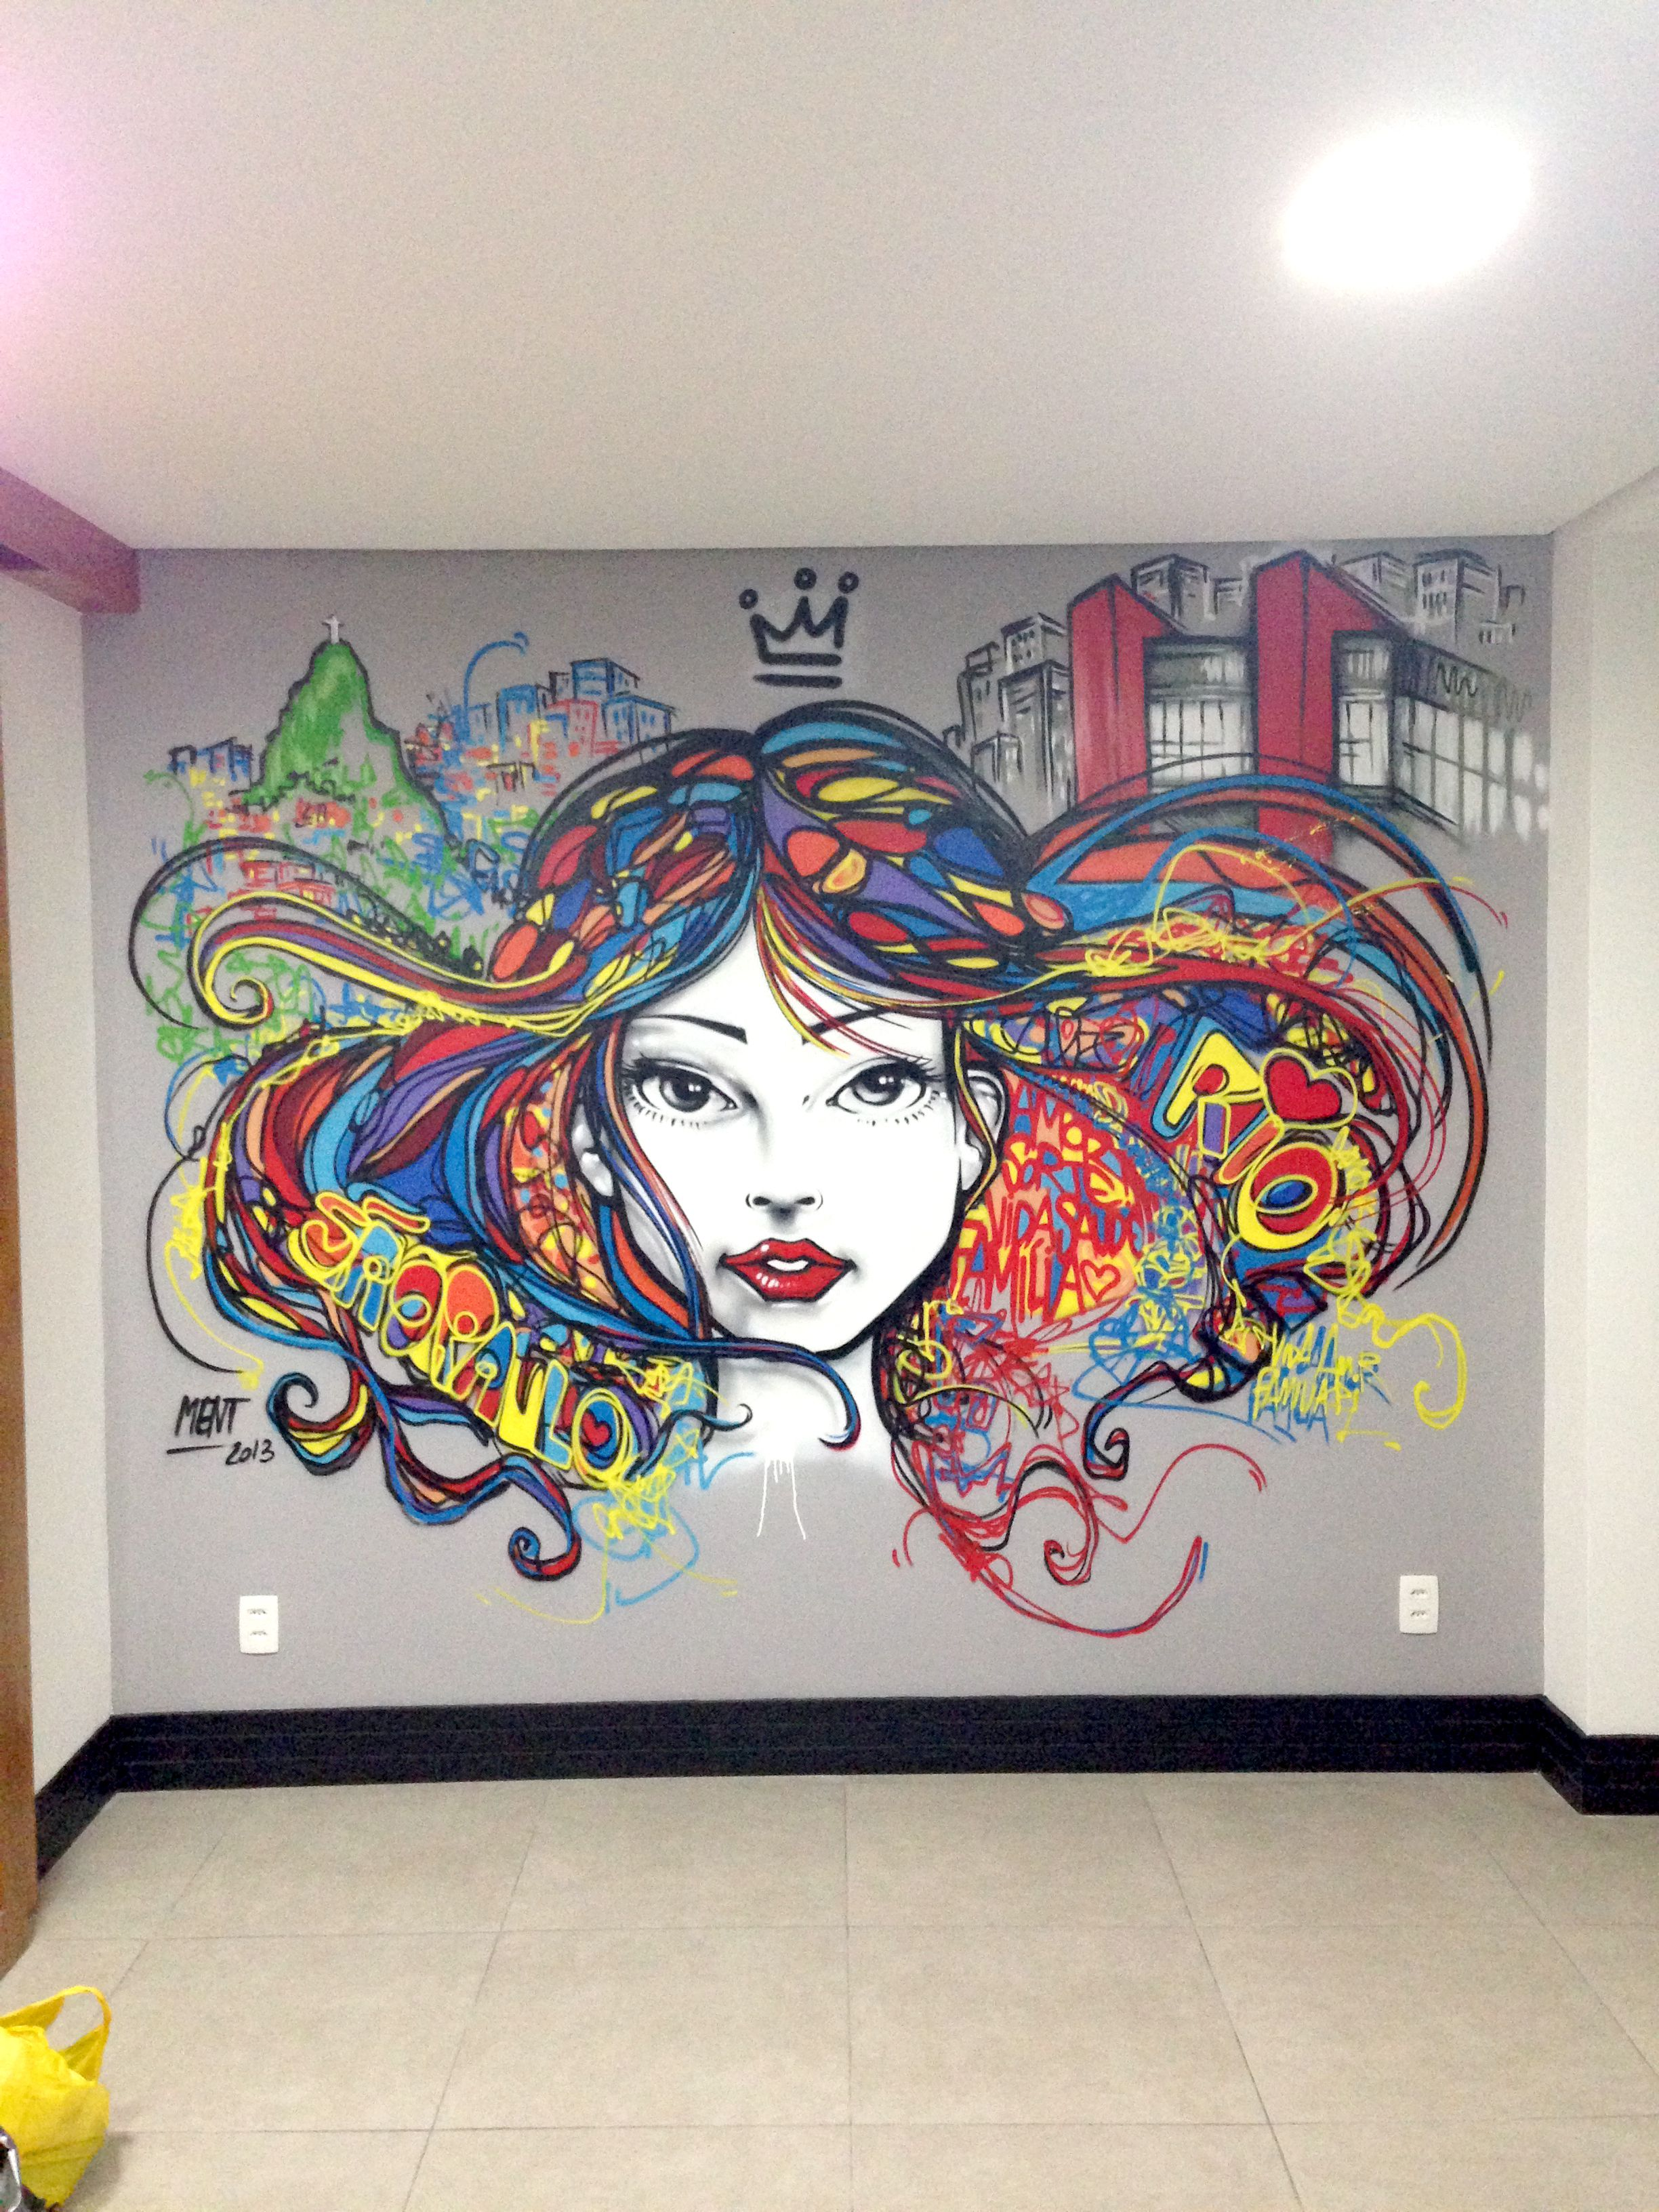 apartamento projeto by neo arq com trabalho de grafite em destaque apartamento projeto by neo arq com trabalho de grafite em destaque urbano decoracao graffiti muralsphoto wallpop artstreet